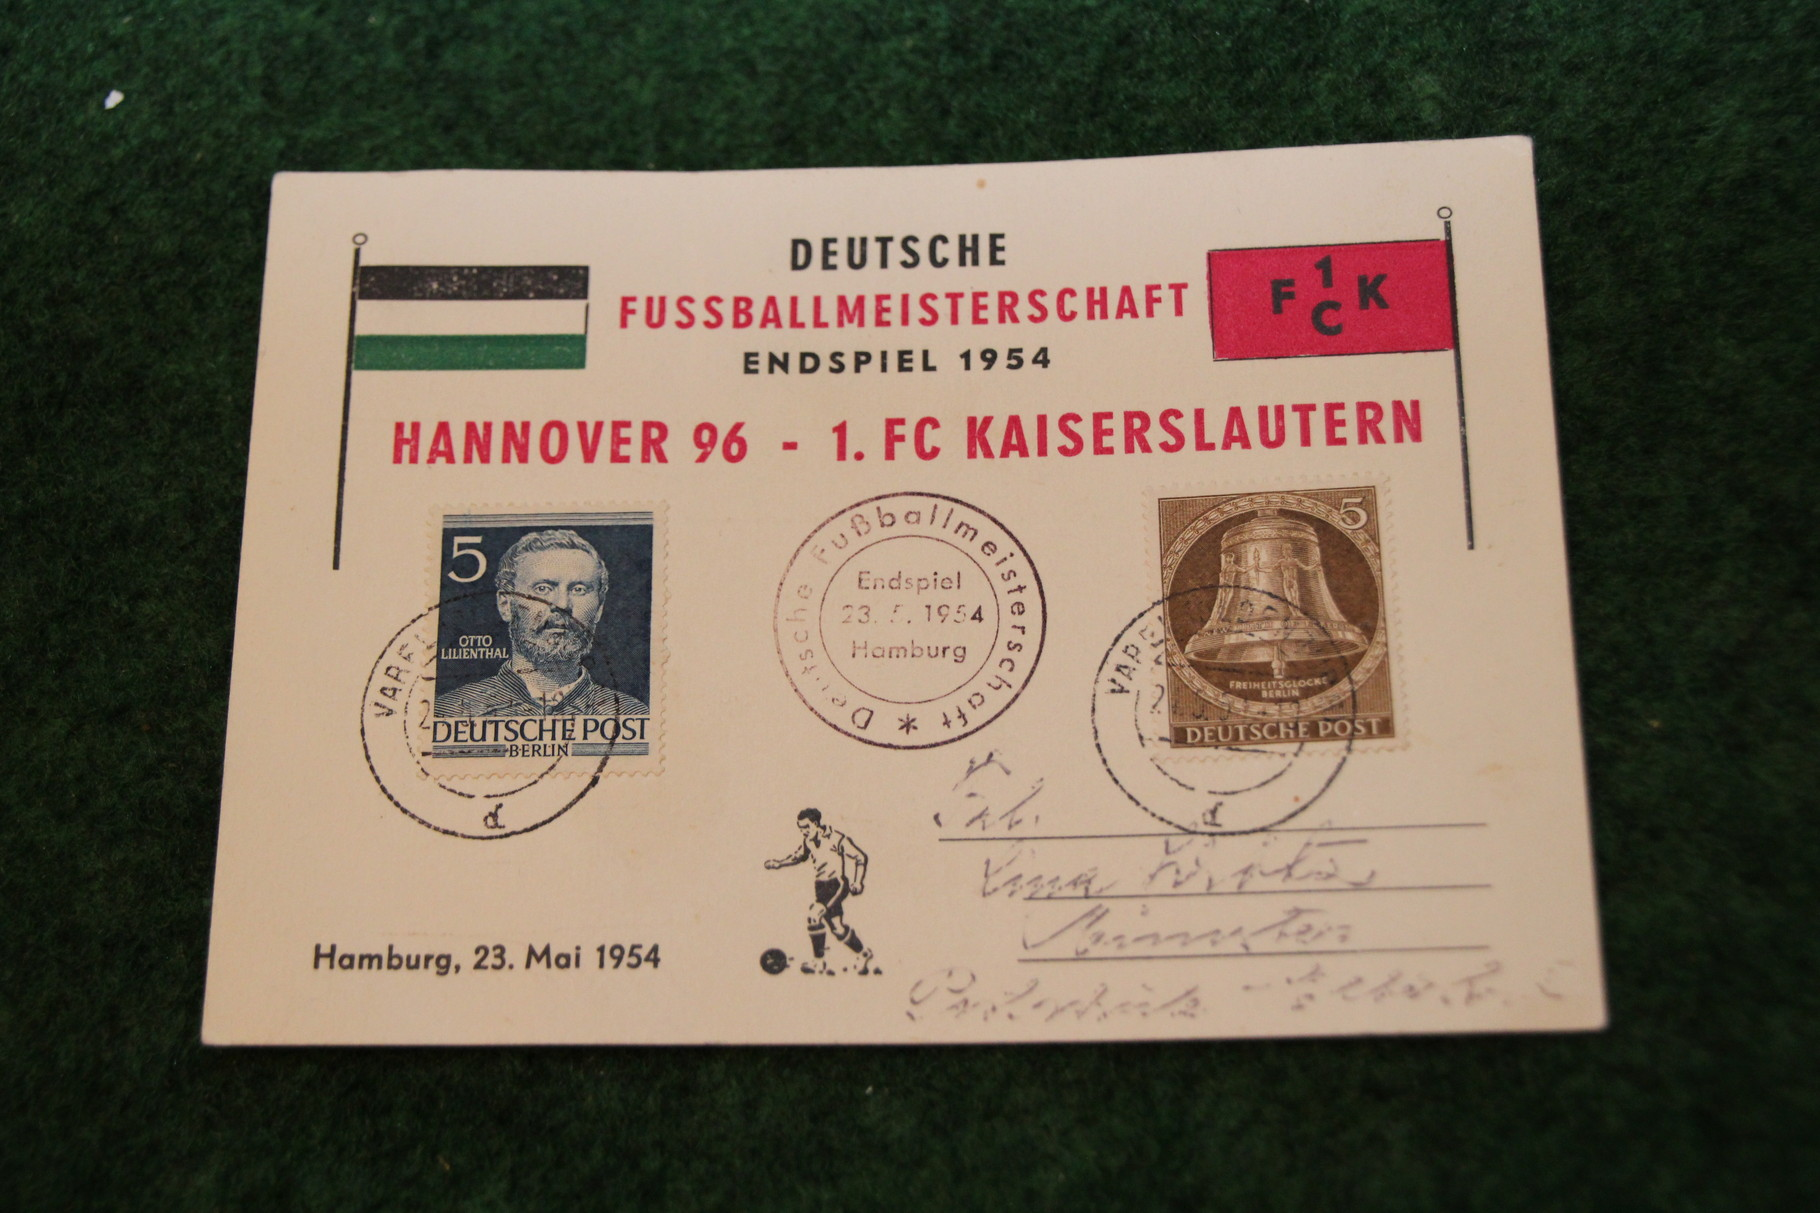 Postkarte zur Deutschen Meisterschaft 1954 von Hannover 96.